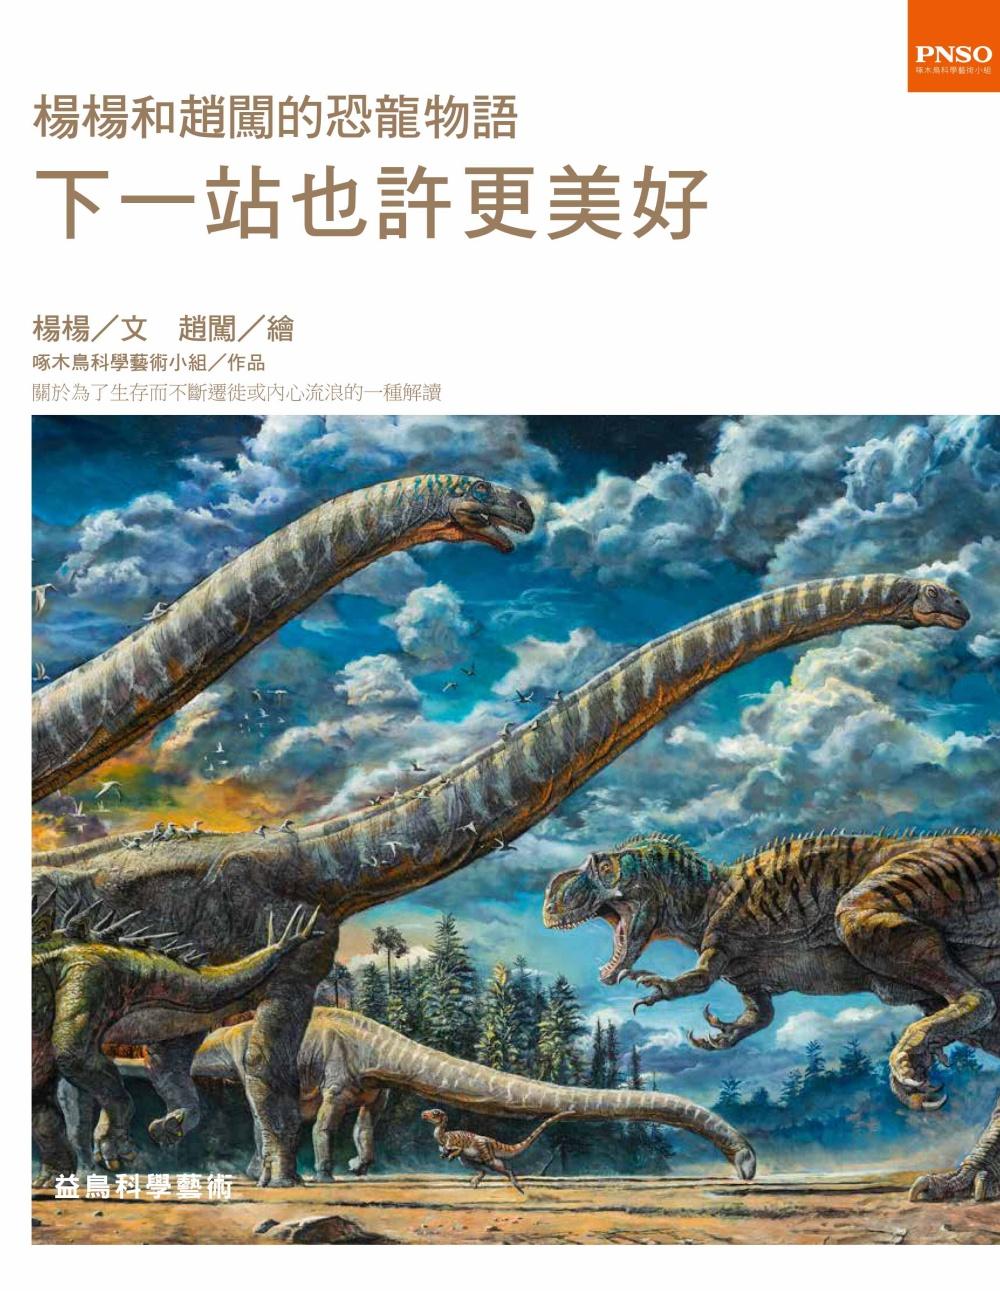 楊楊和趙闖的恐龍物語:下一站也許更美好